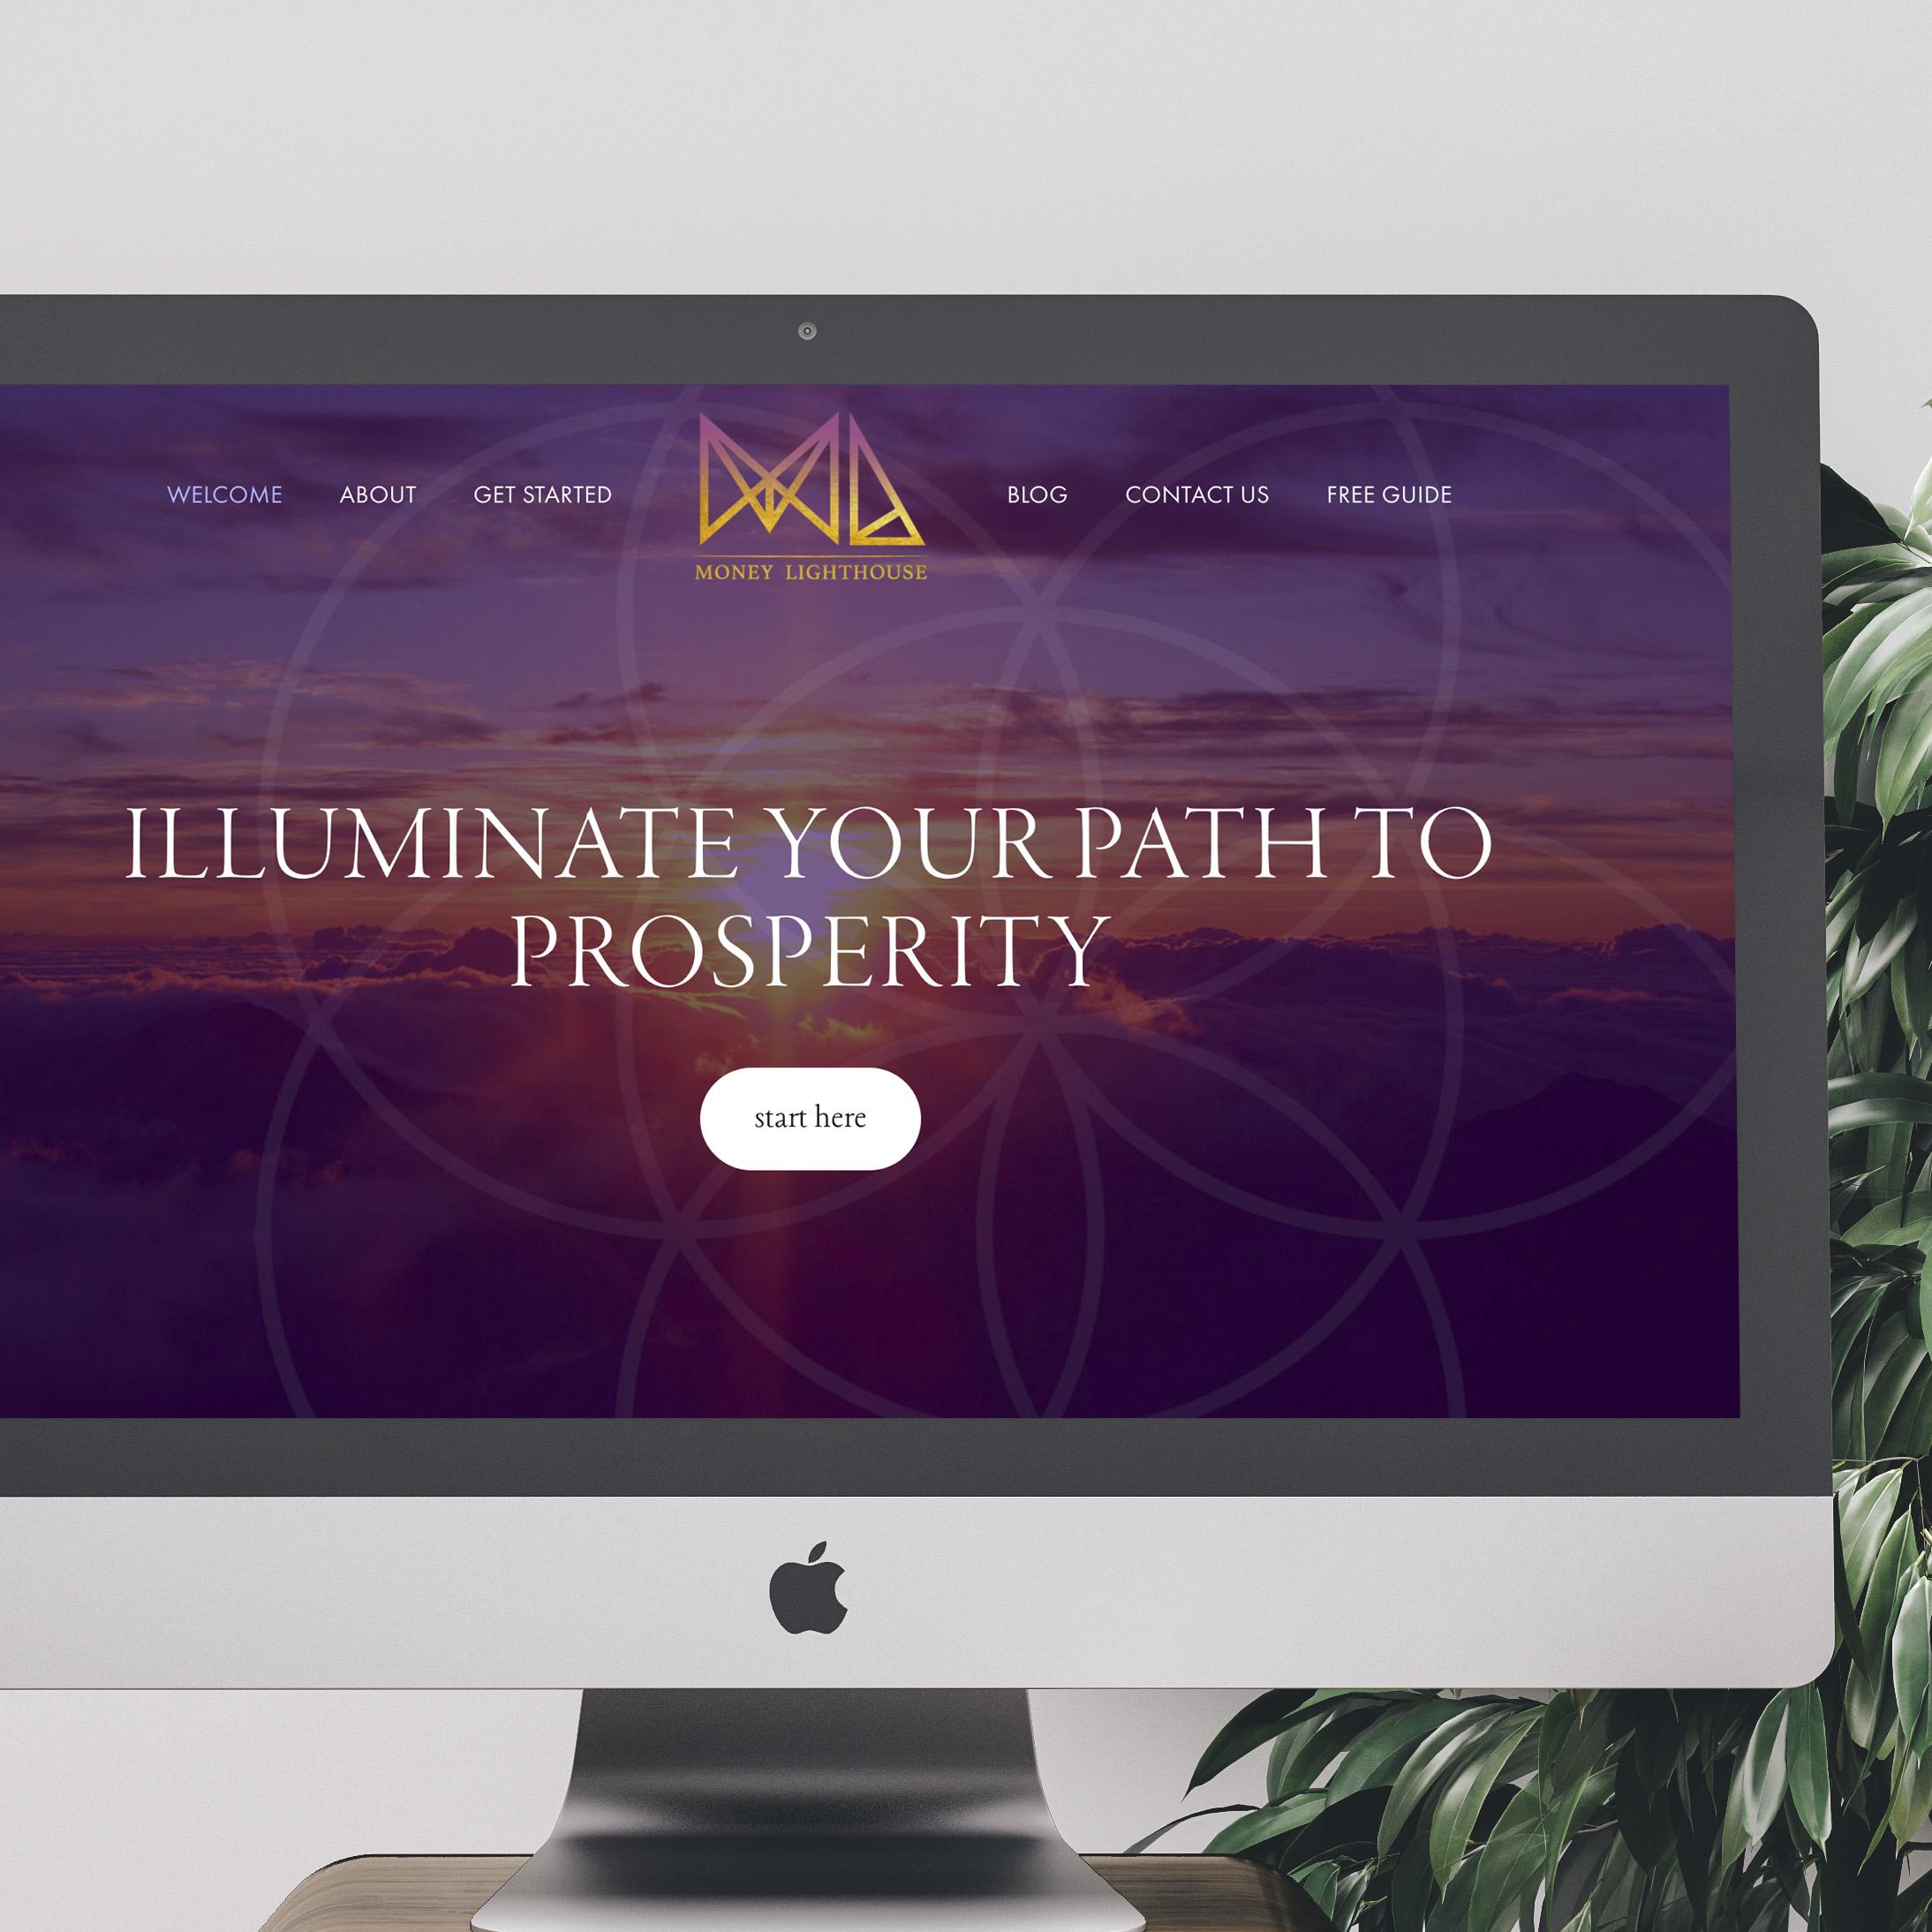 squarespace-website-design-by-mintgem